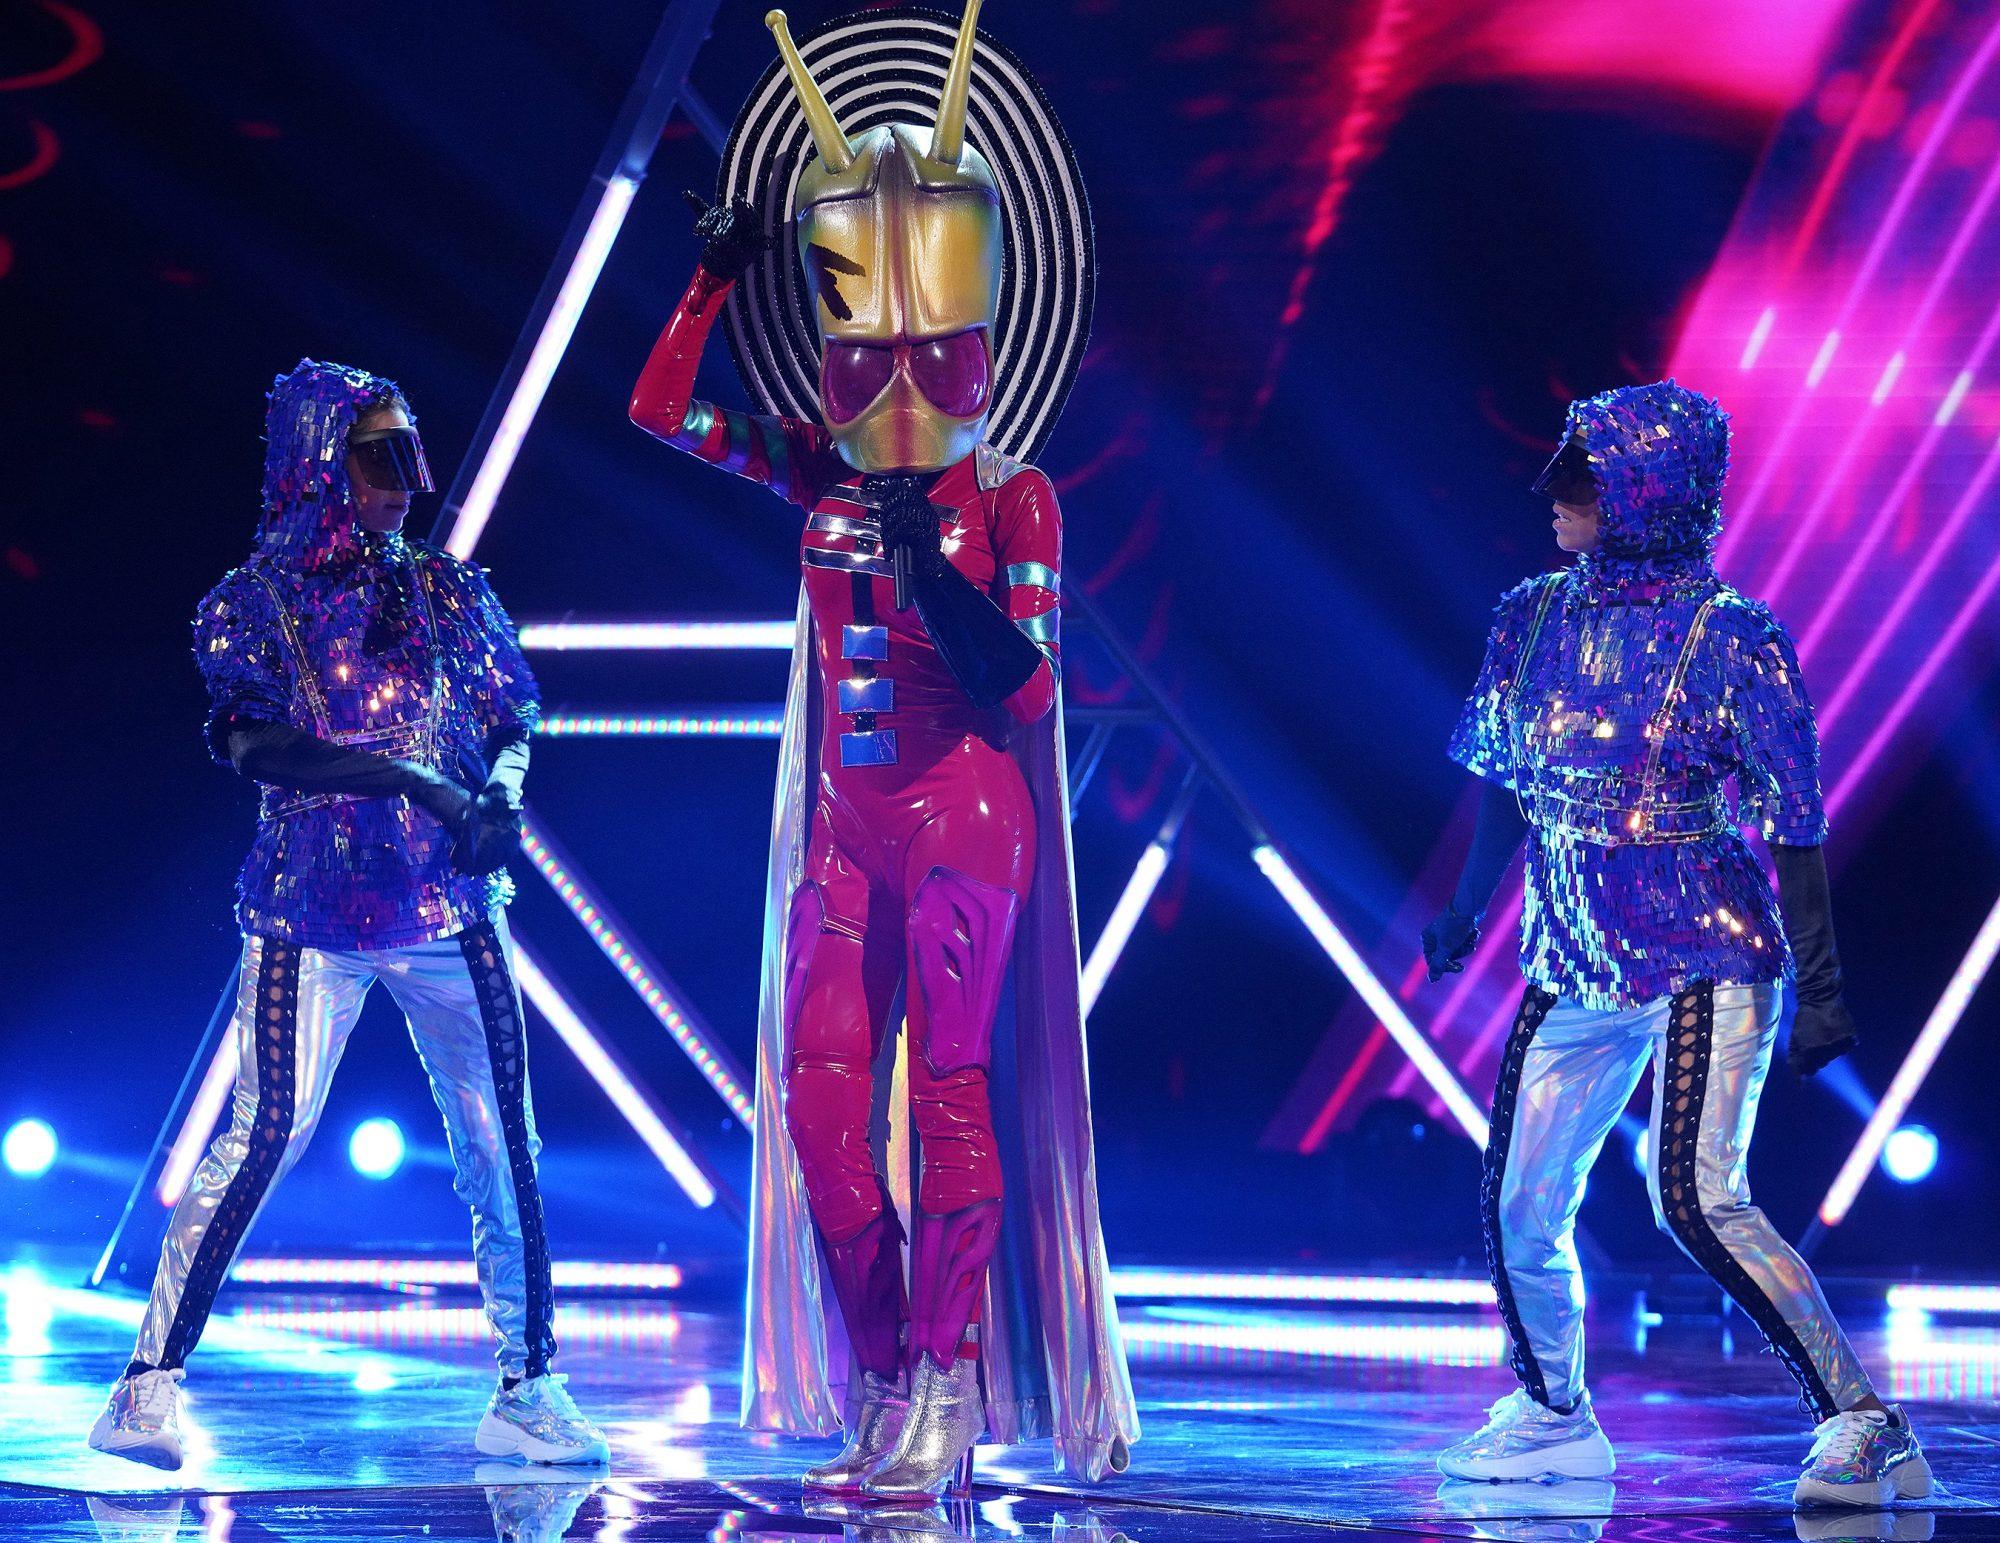 masked-singer-alien-1